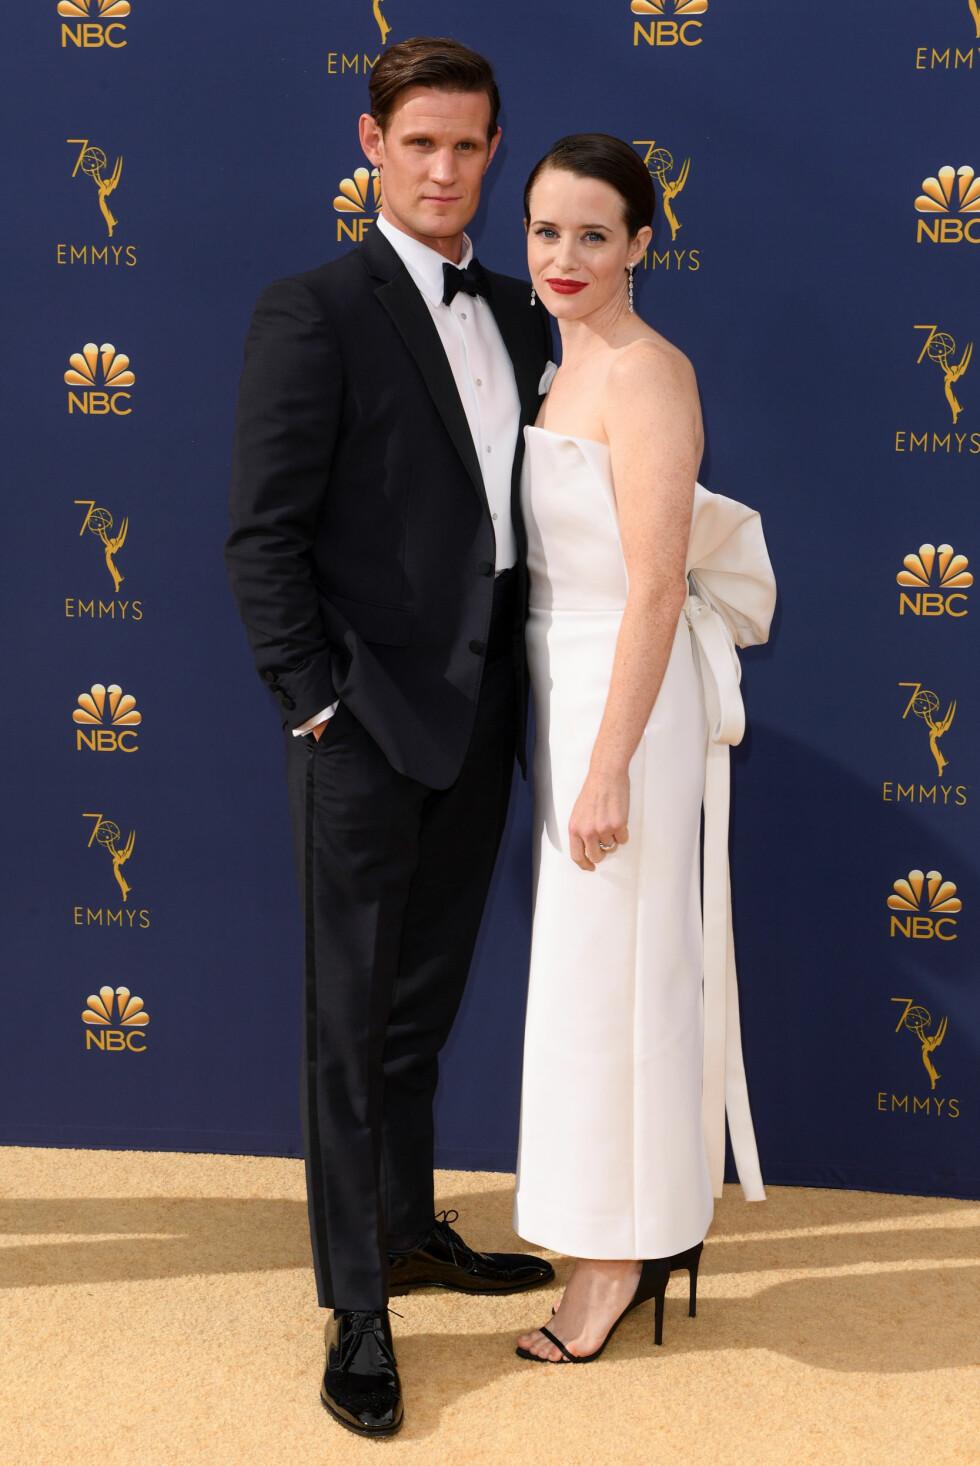 VANT PRIS: Claire Foy og Matt Smith på rød løper i forkant av utdelingen. Hun vant pris for beste kvinnelige hovedrolle for rollen i The Crown. FOTO: NTB Scanpix